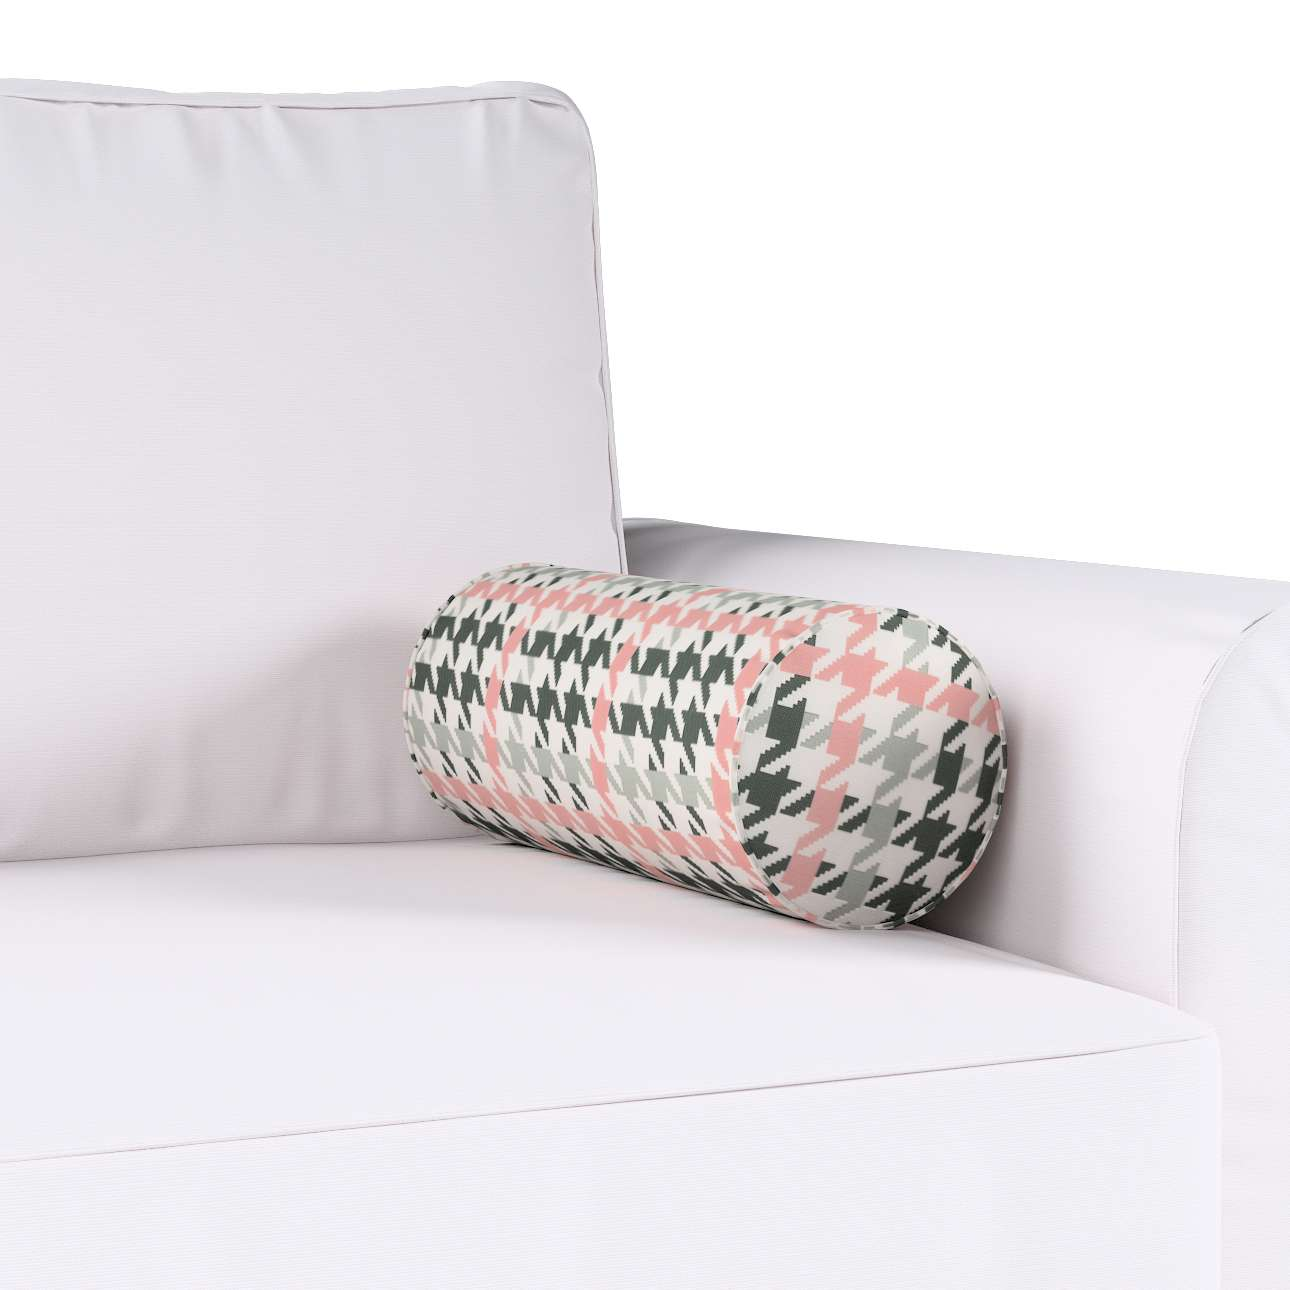 Poduszka wałek prosty w kolekcji Wyprzedaż do -50%, tkanina: 137-75